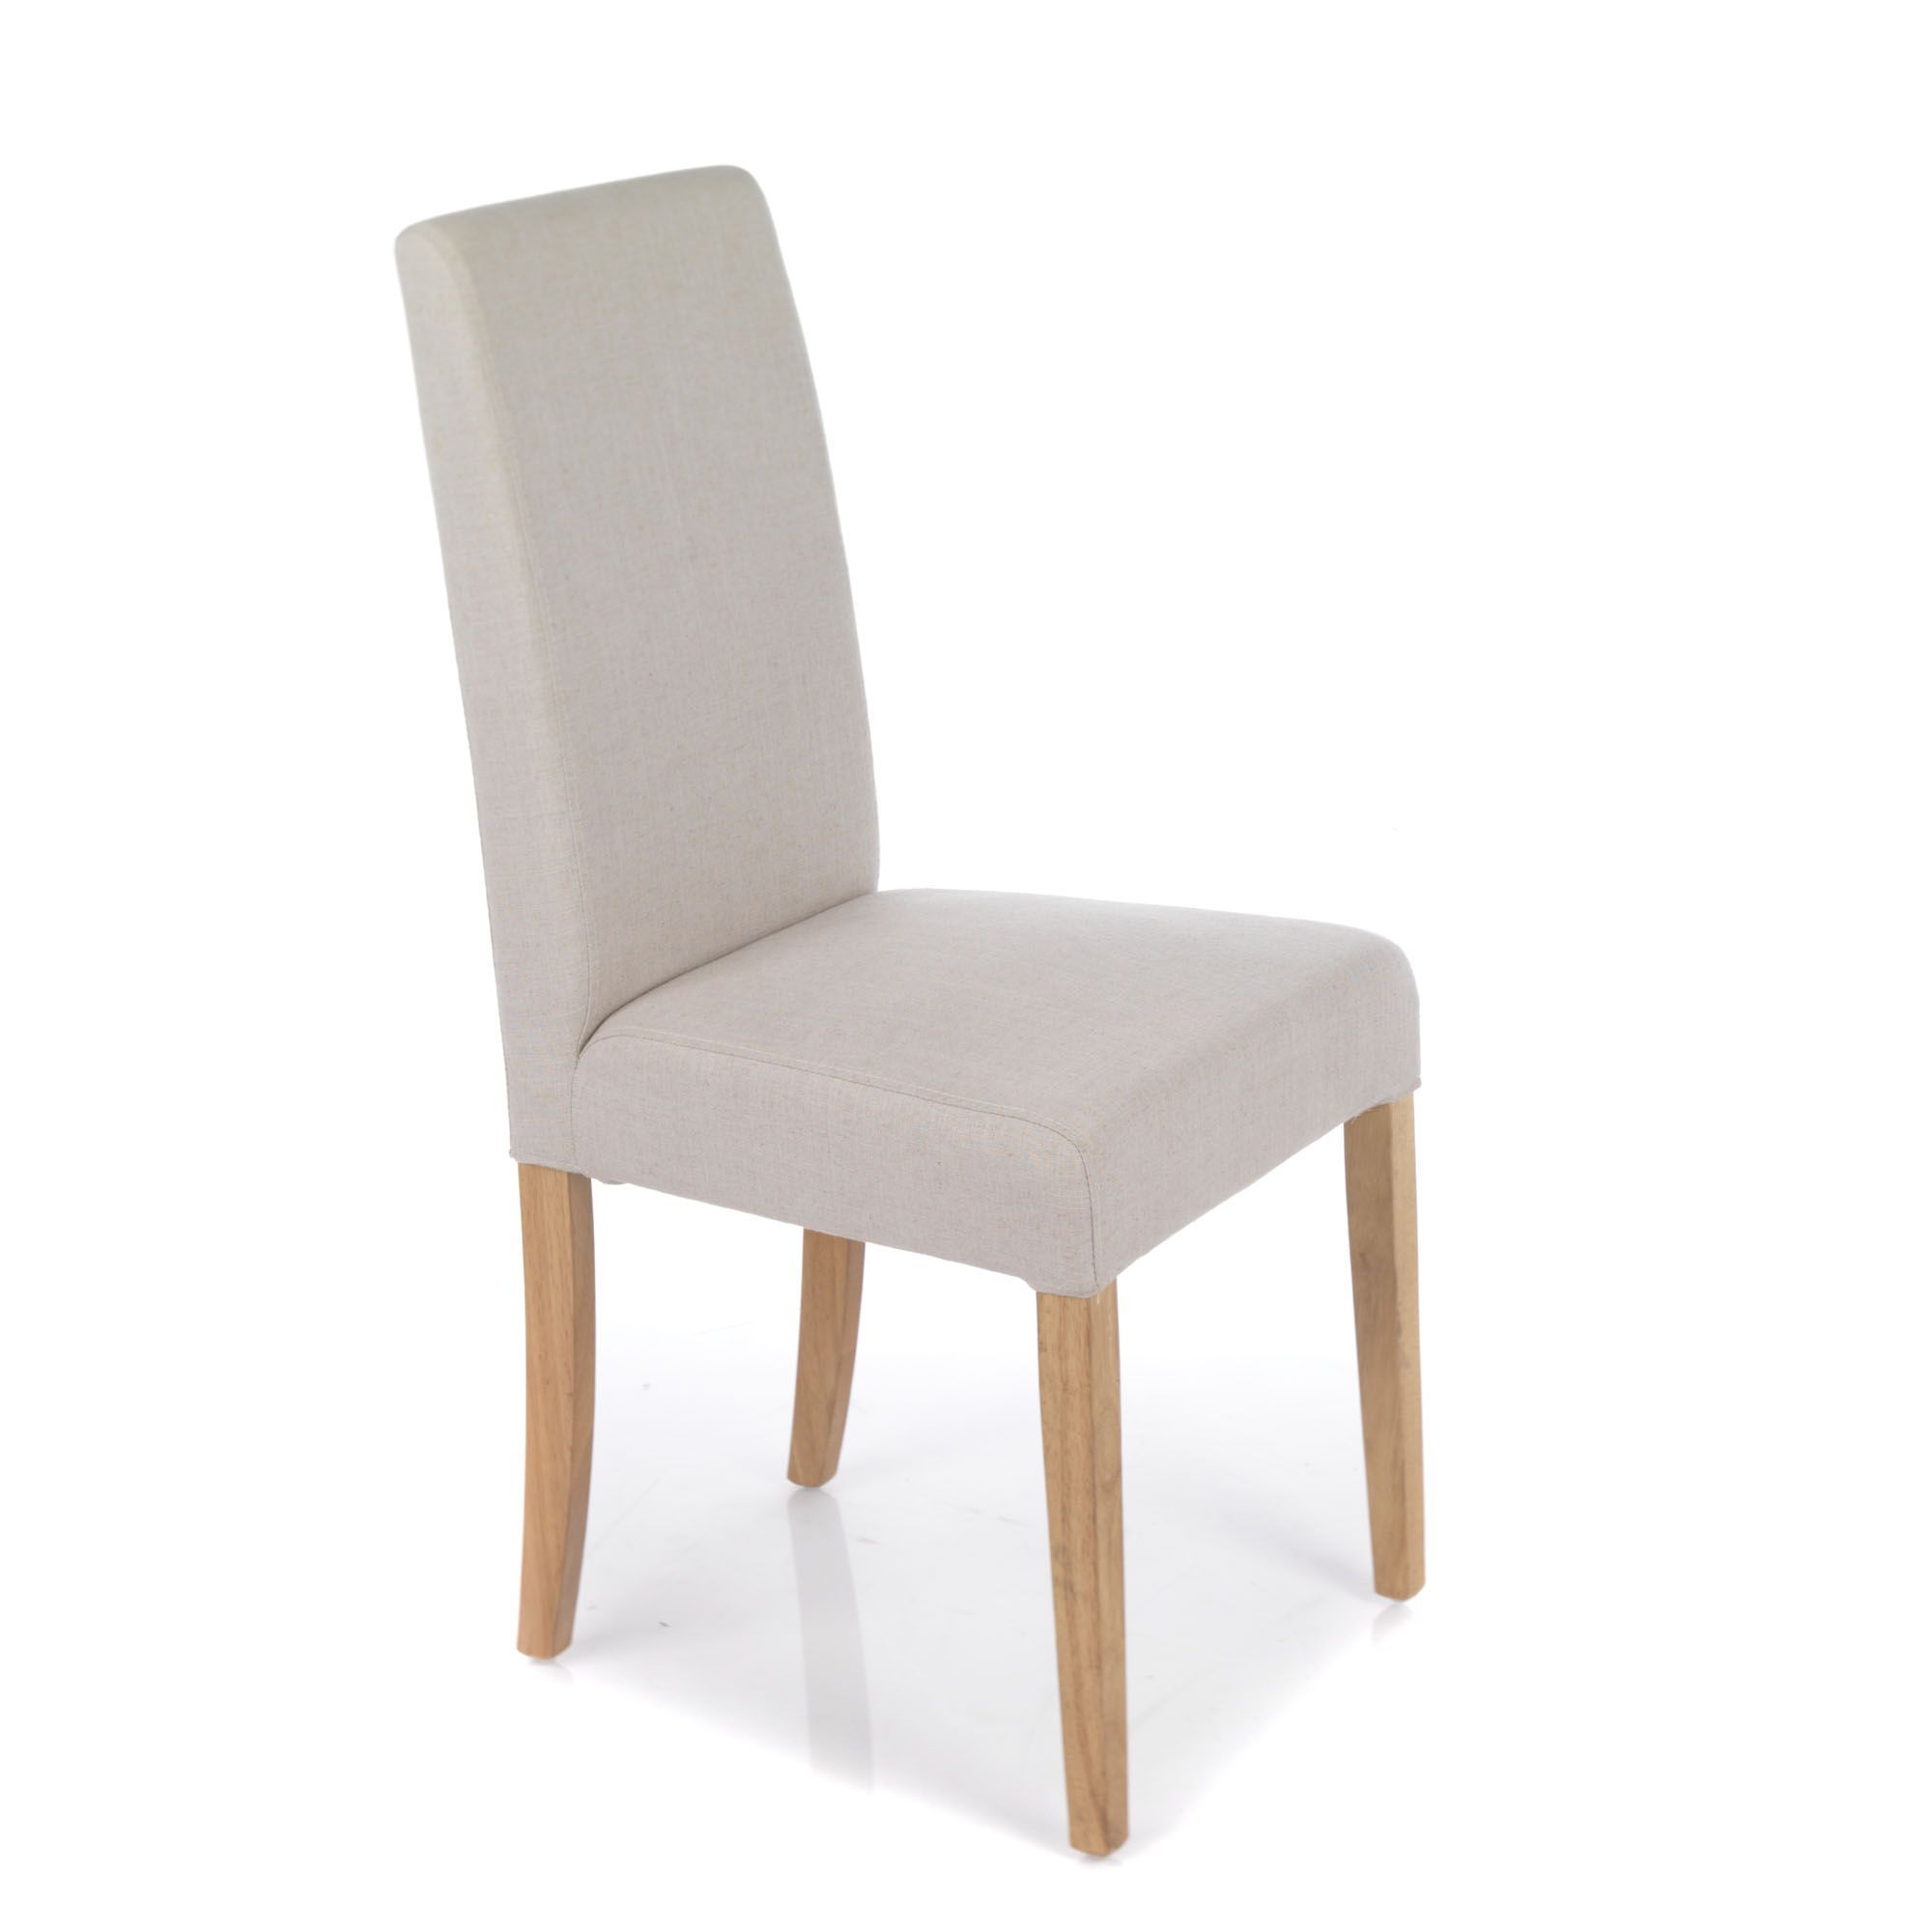 Housse De Chaise Beige En Lin Beige Monroe Chaises Tables Et